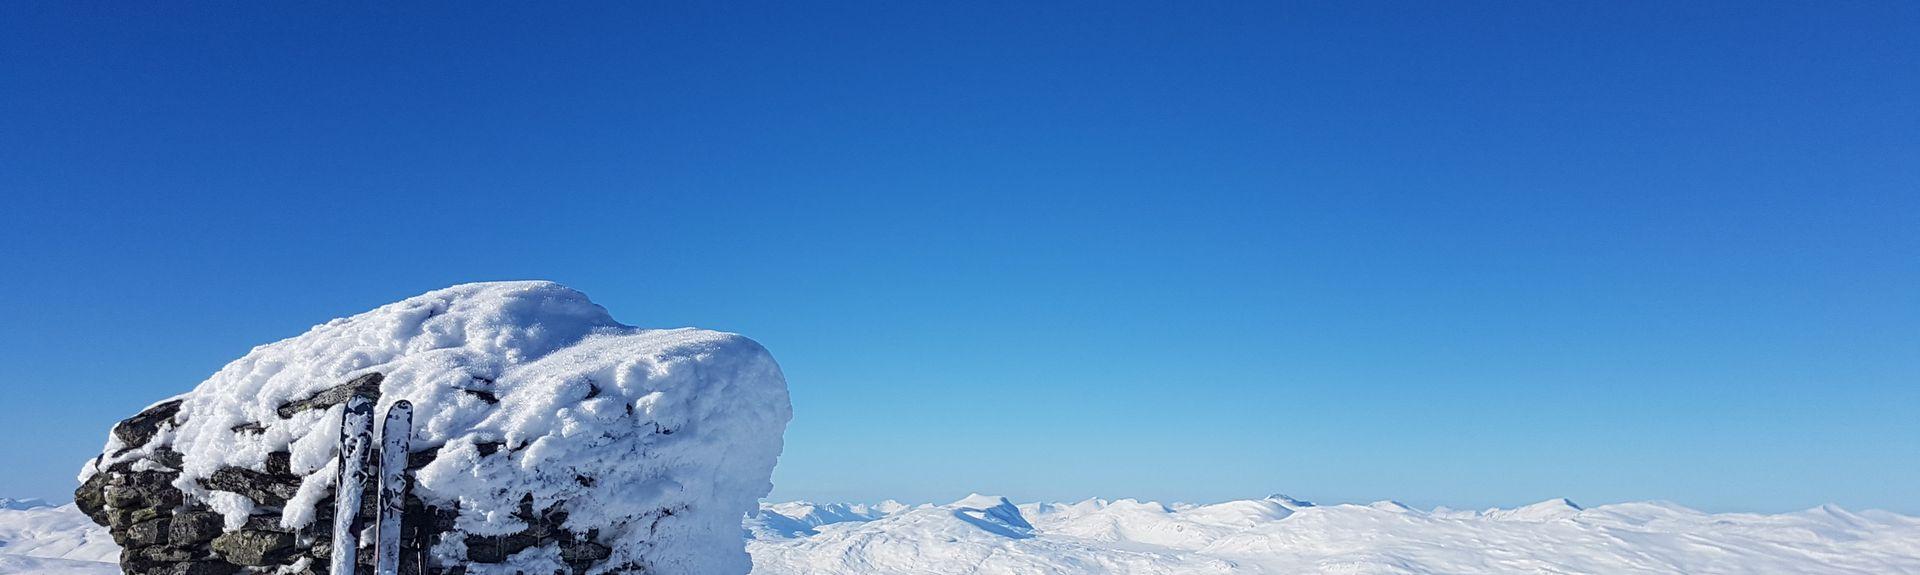 Geiranger, Stranda, Møre og Romsdal, Norway